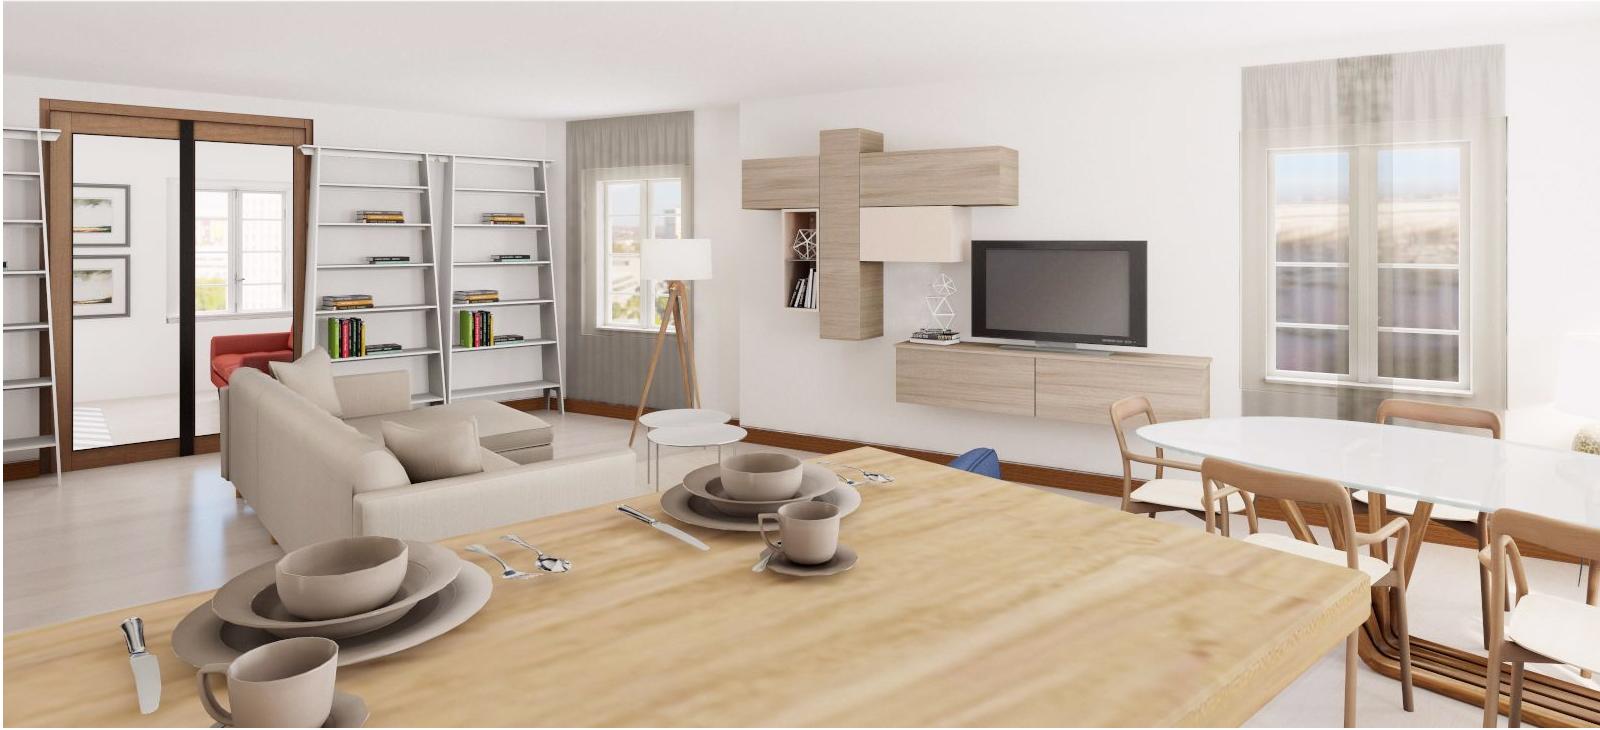 Good alcune idee per dividere una casa in pi unit with idee per progettare una casa with idee - Programma per progettare cucine ...